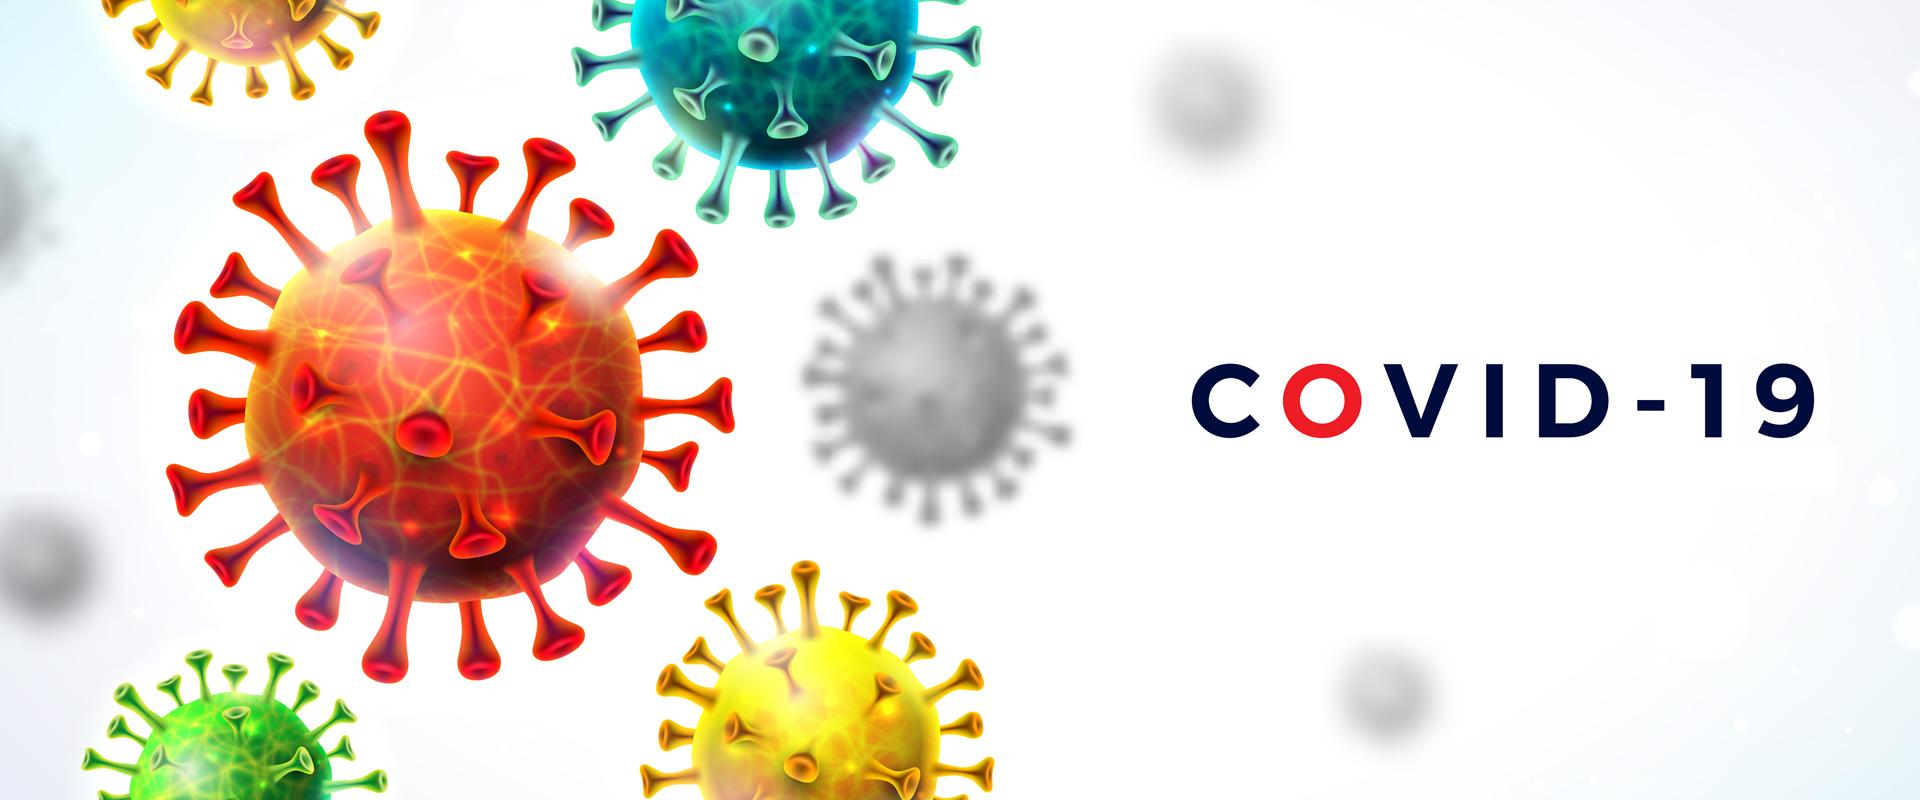 Koronavírussal kapcsolatos tájékoztatás